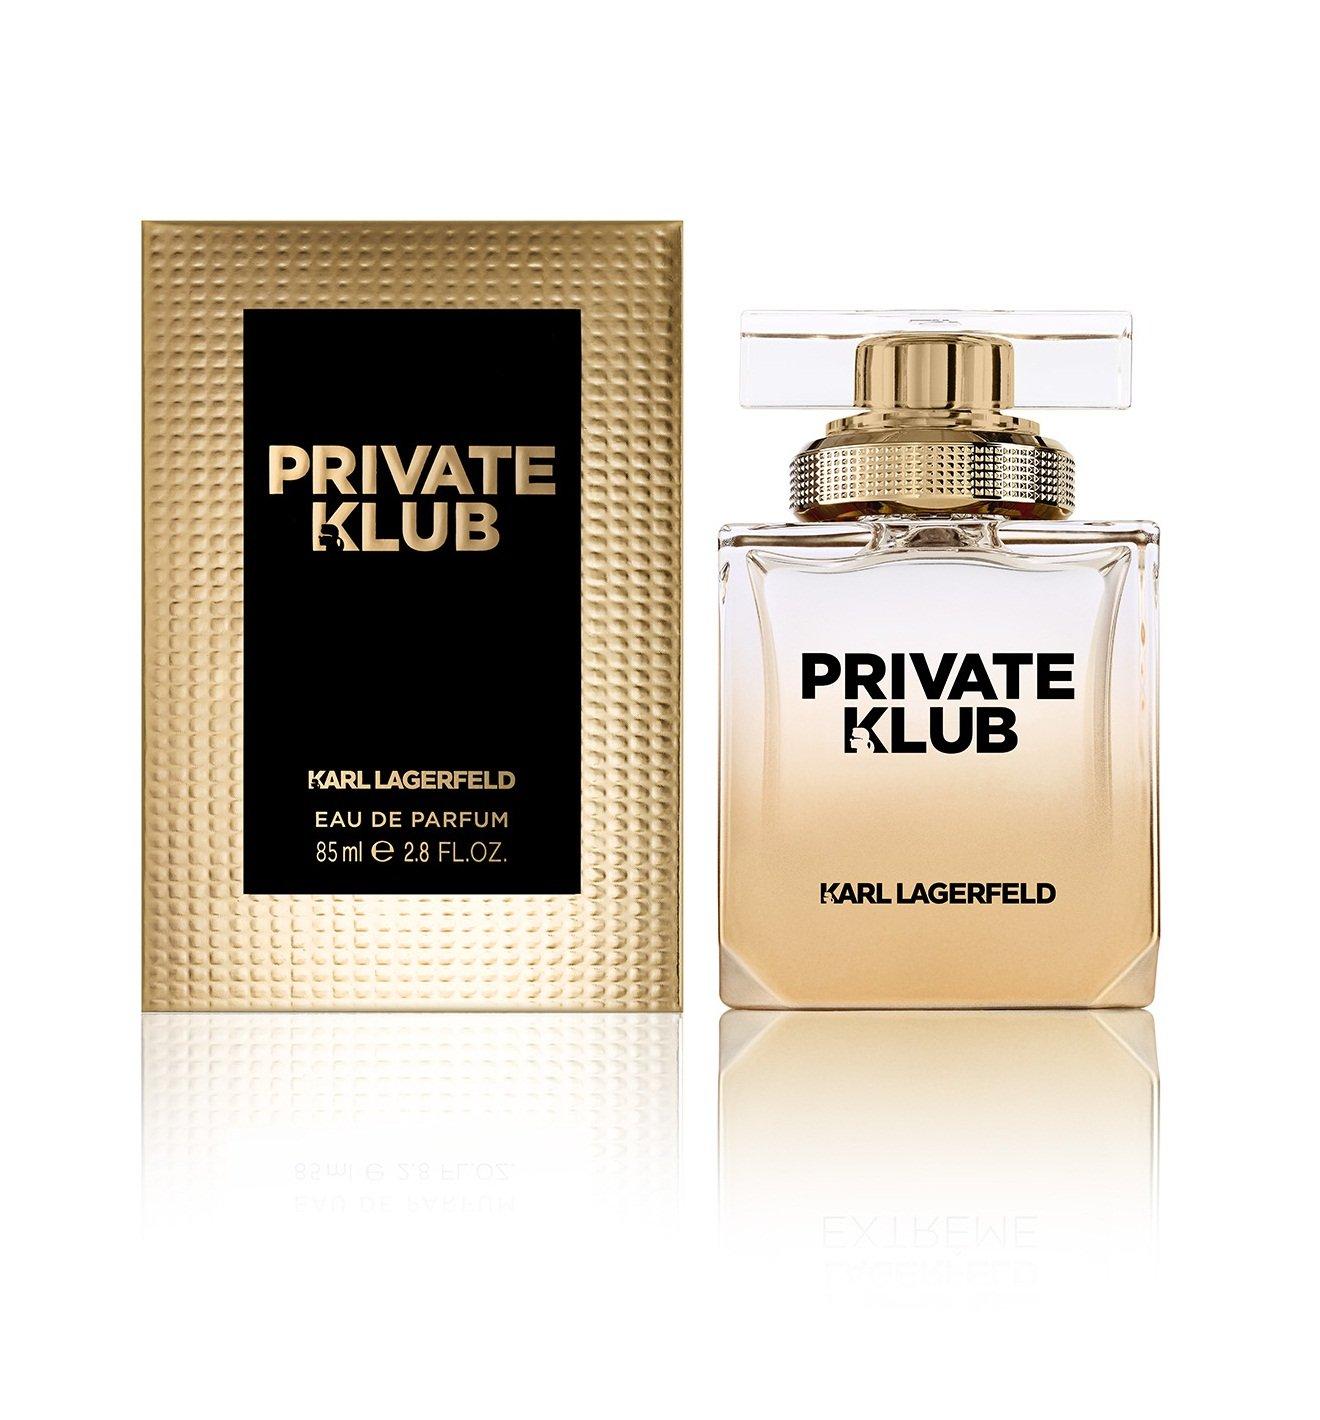 Karl Lagerfeld's New Perfume Smells LikeBooks